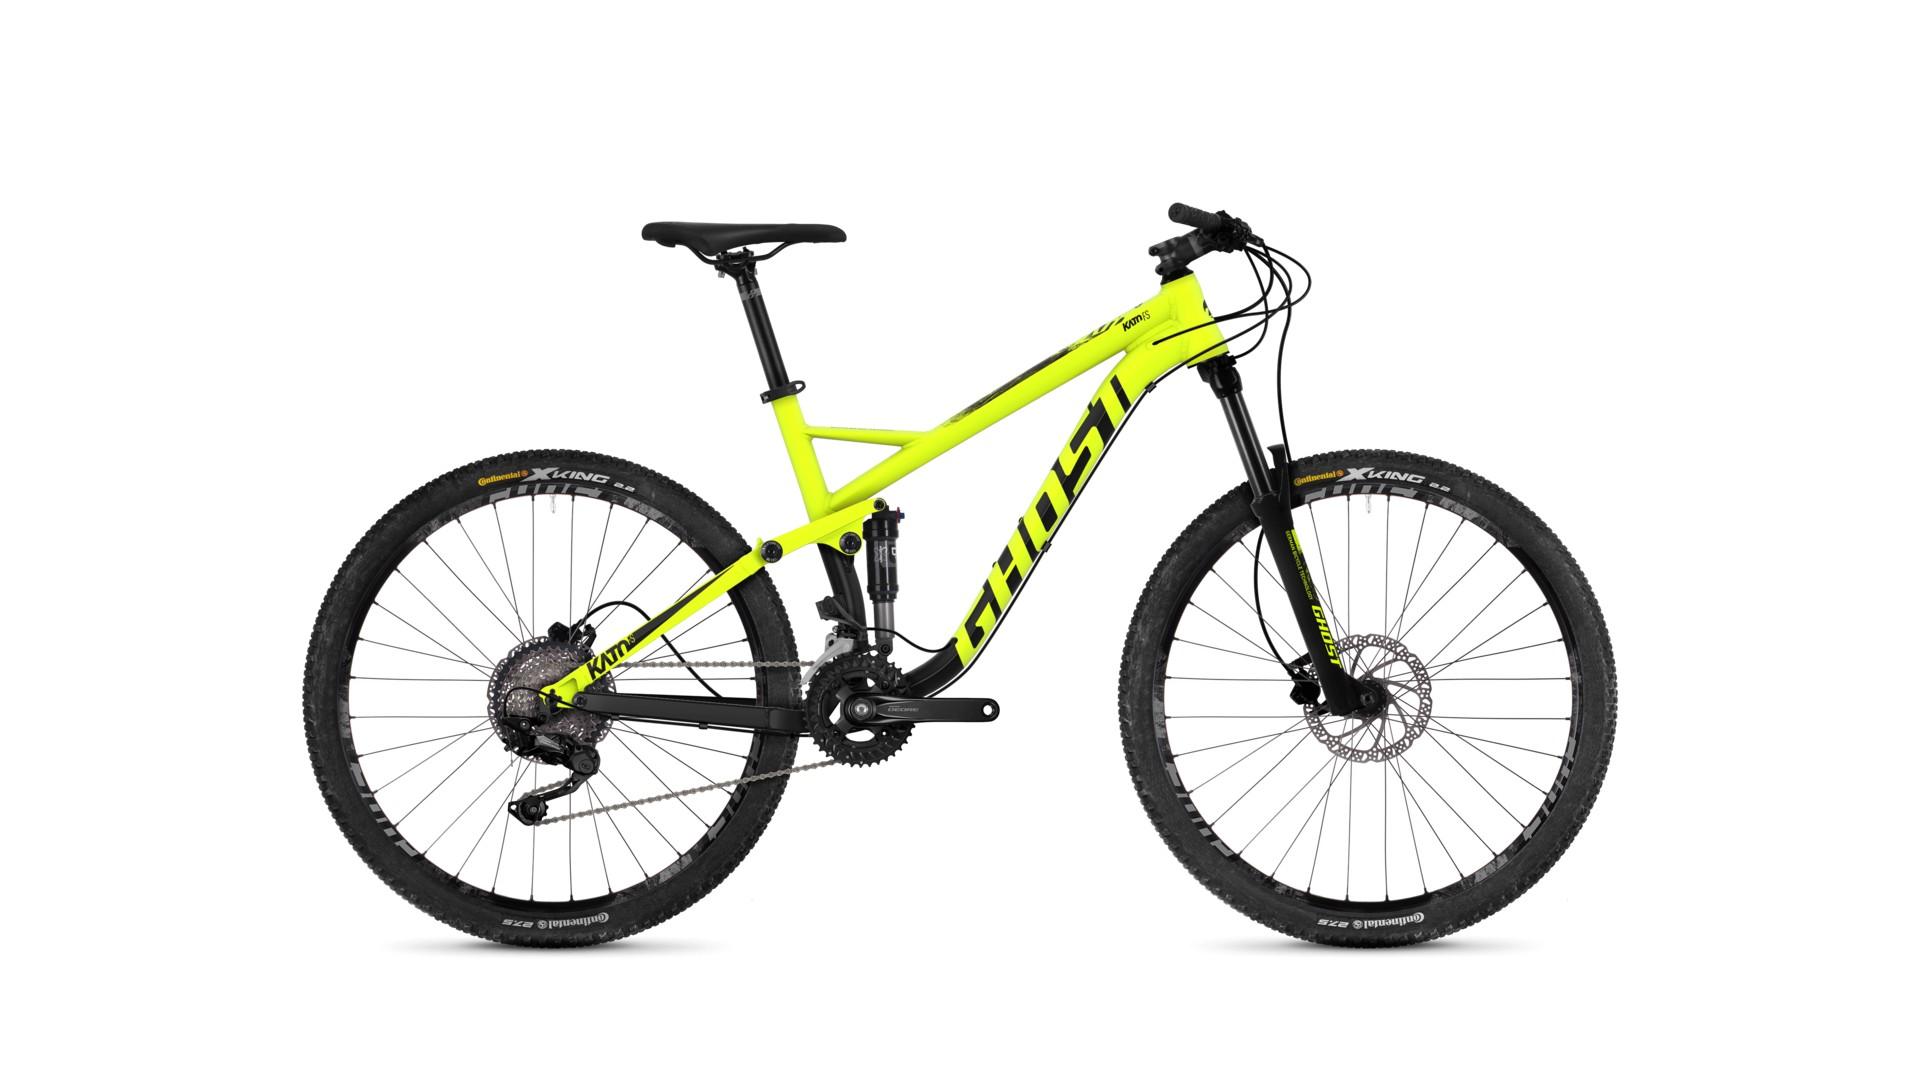 Велосипед GHOST Kato FS 2.7 AL U neonyellow/nightblack/urbangray год 2018